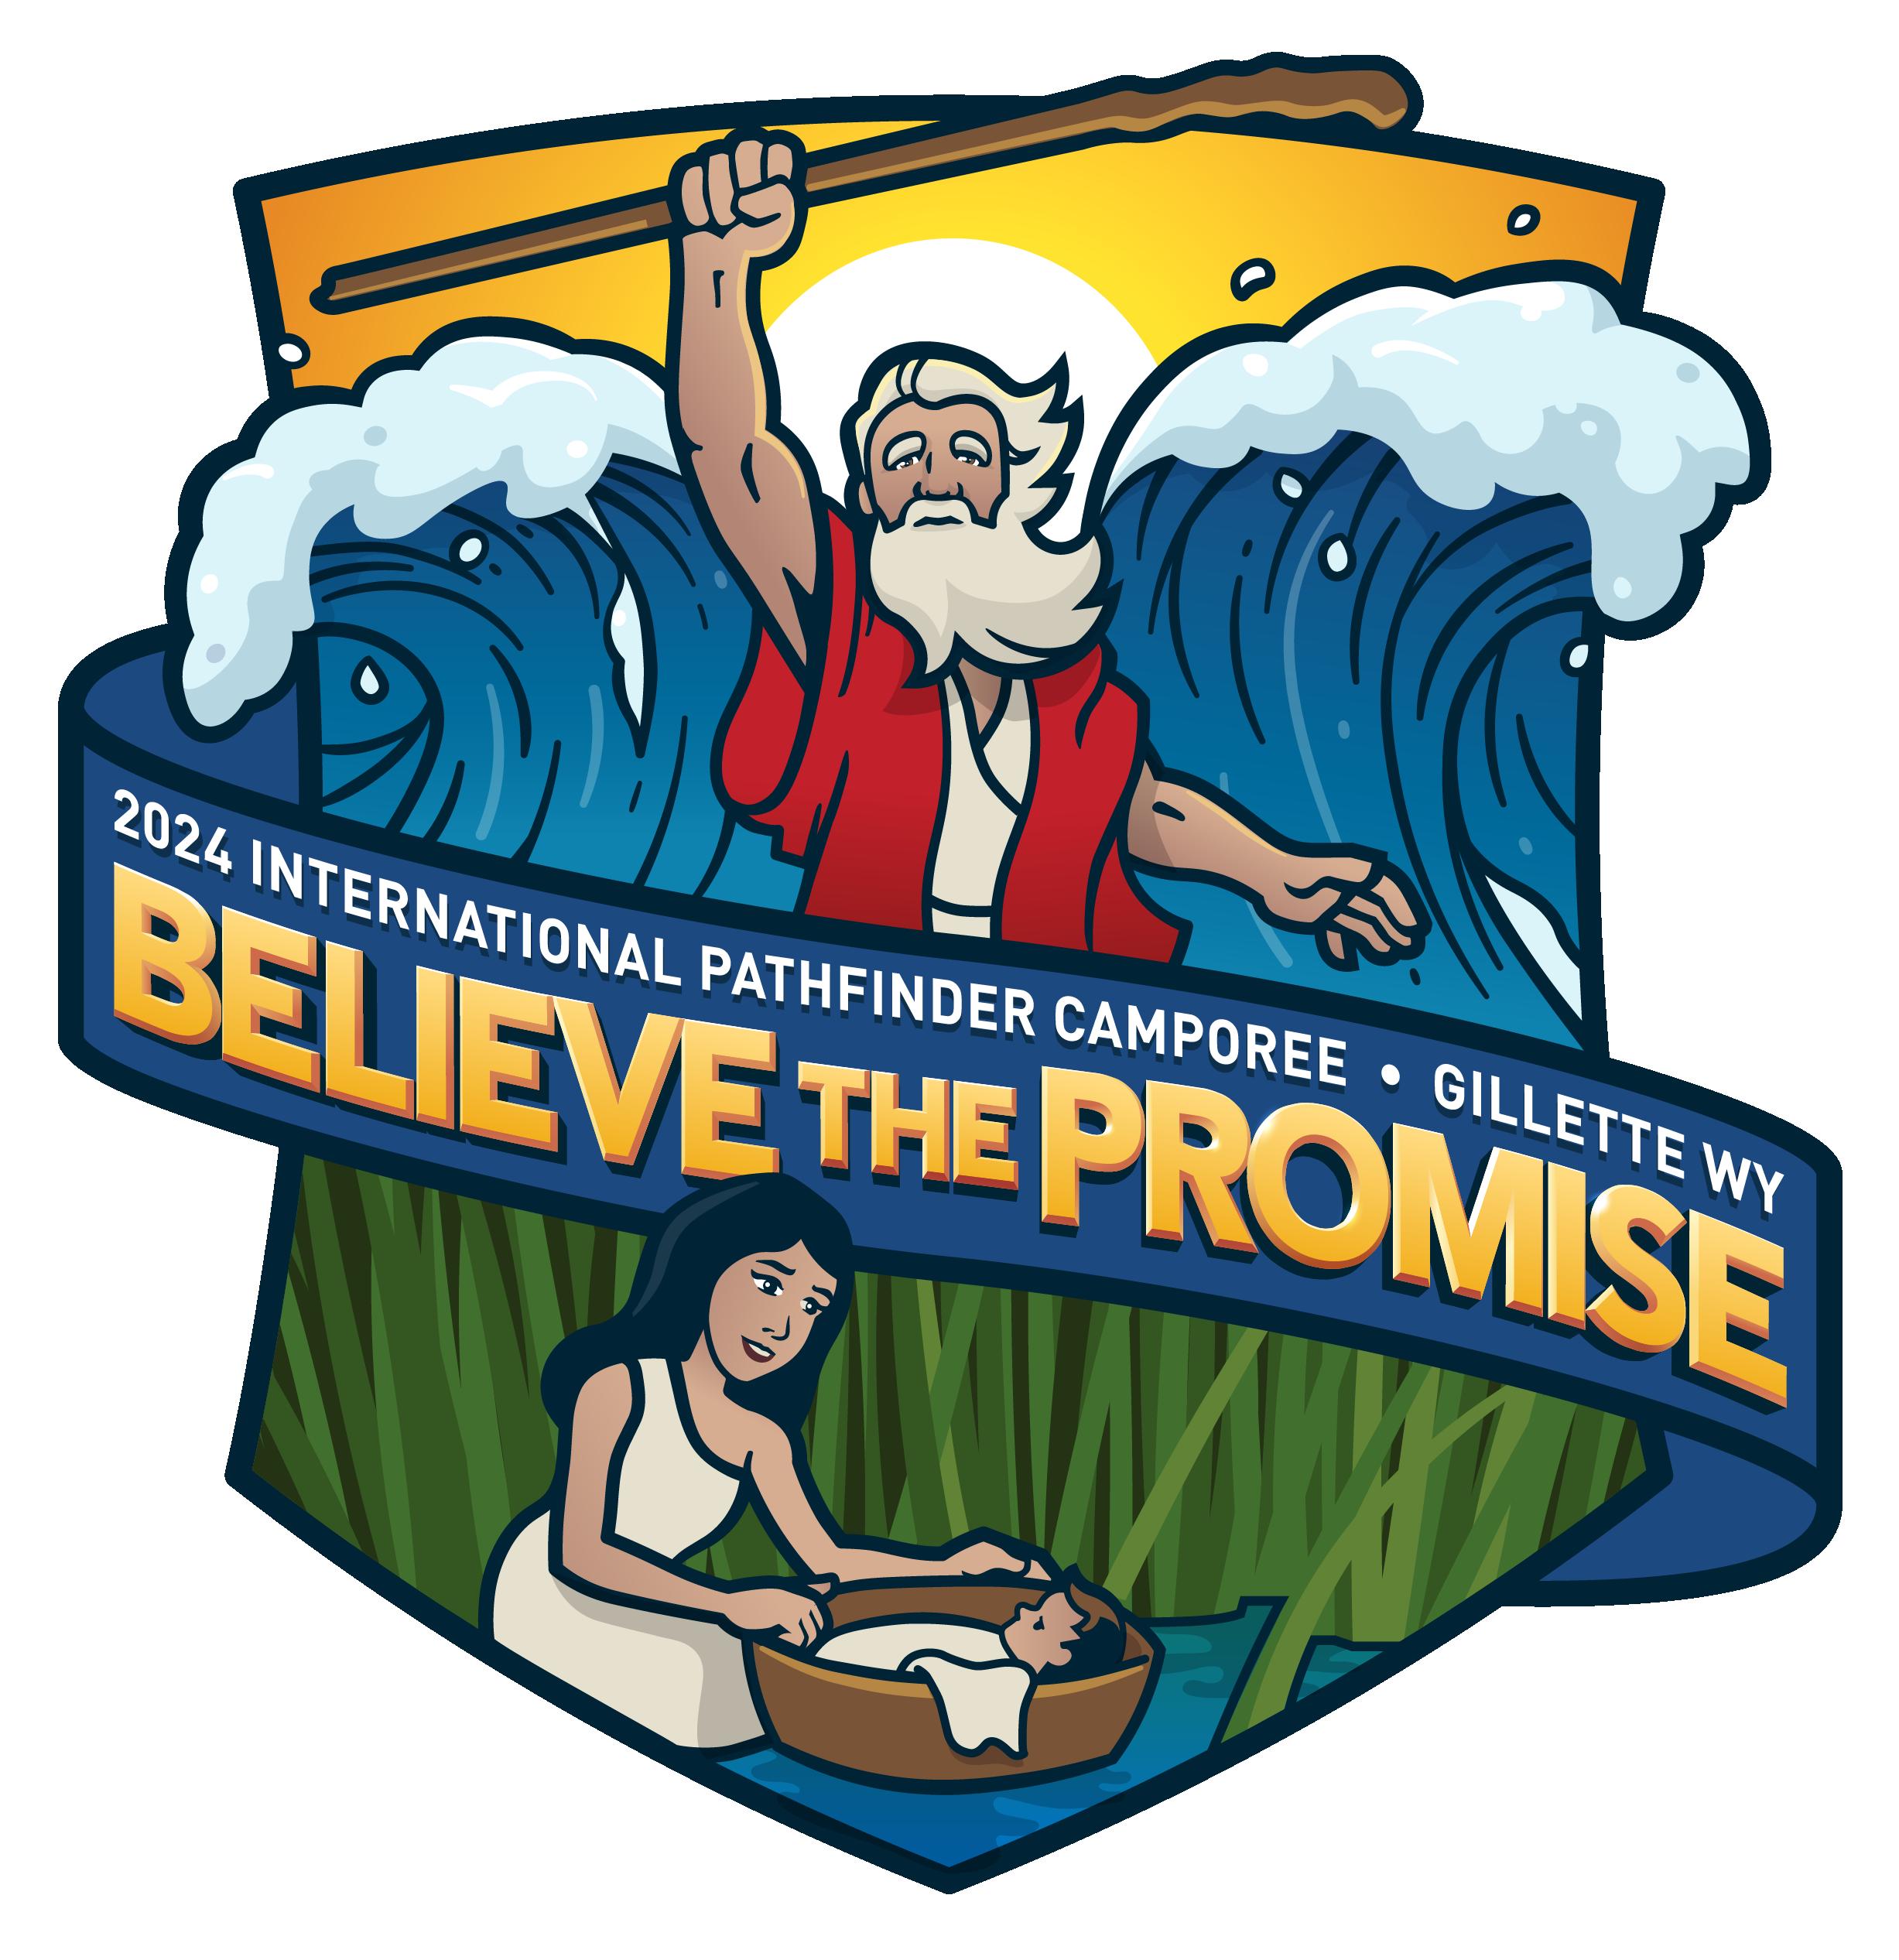 International Pathfinder Camporee 2024 - Believe the Promise | Ohio SDA  Youth